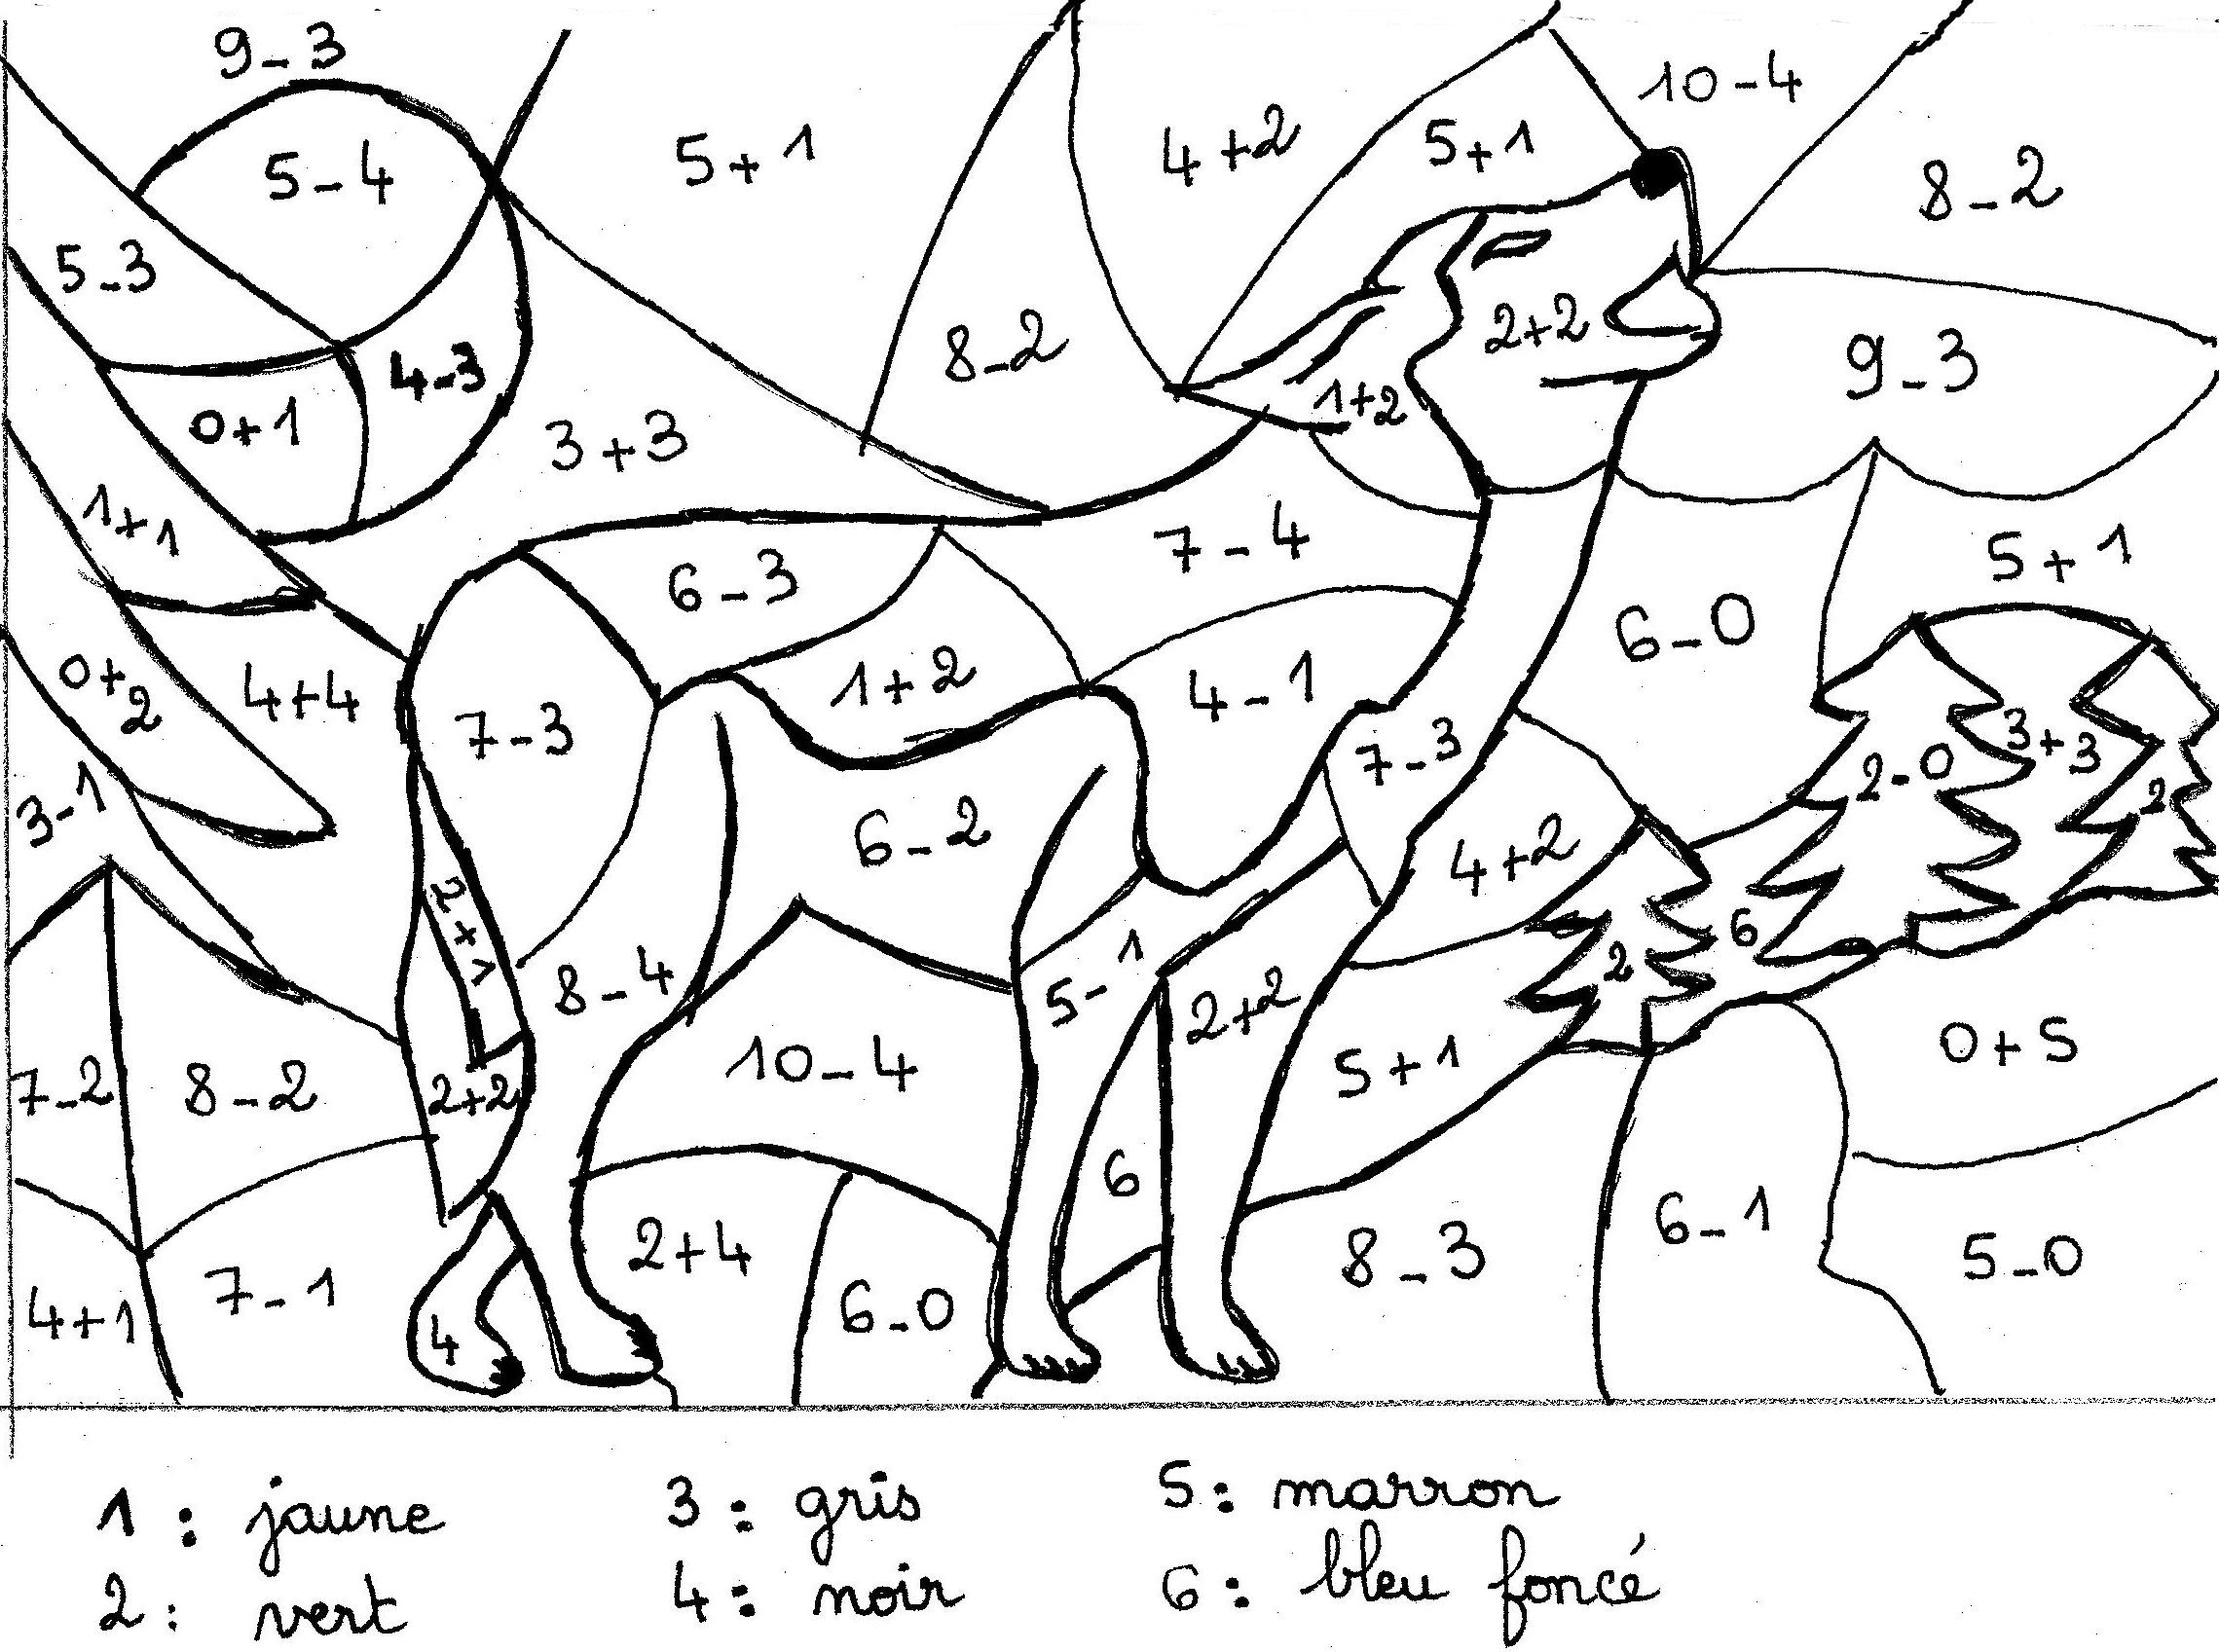 20 dessins de coloriage ch vre de monsieur seguin imprimer - Coloriage magique loup ...